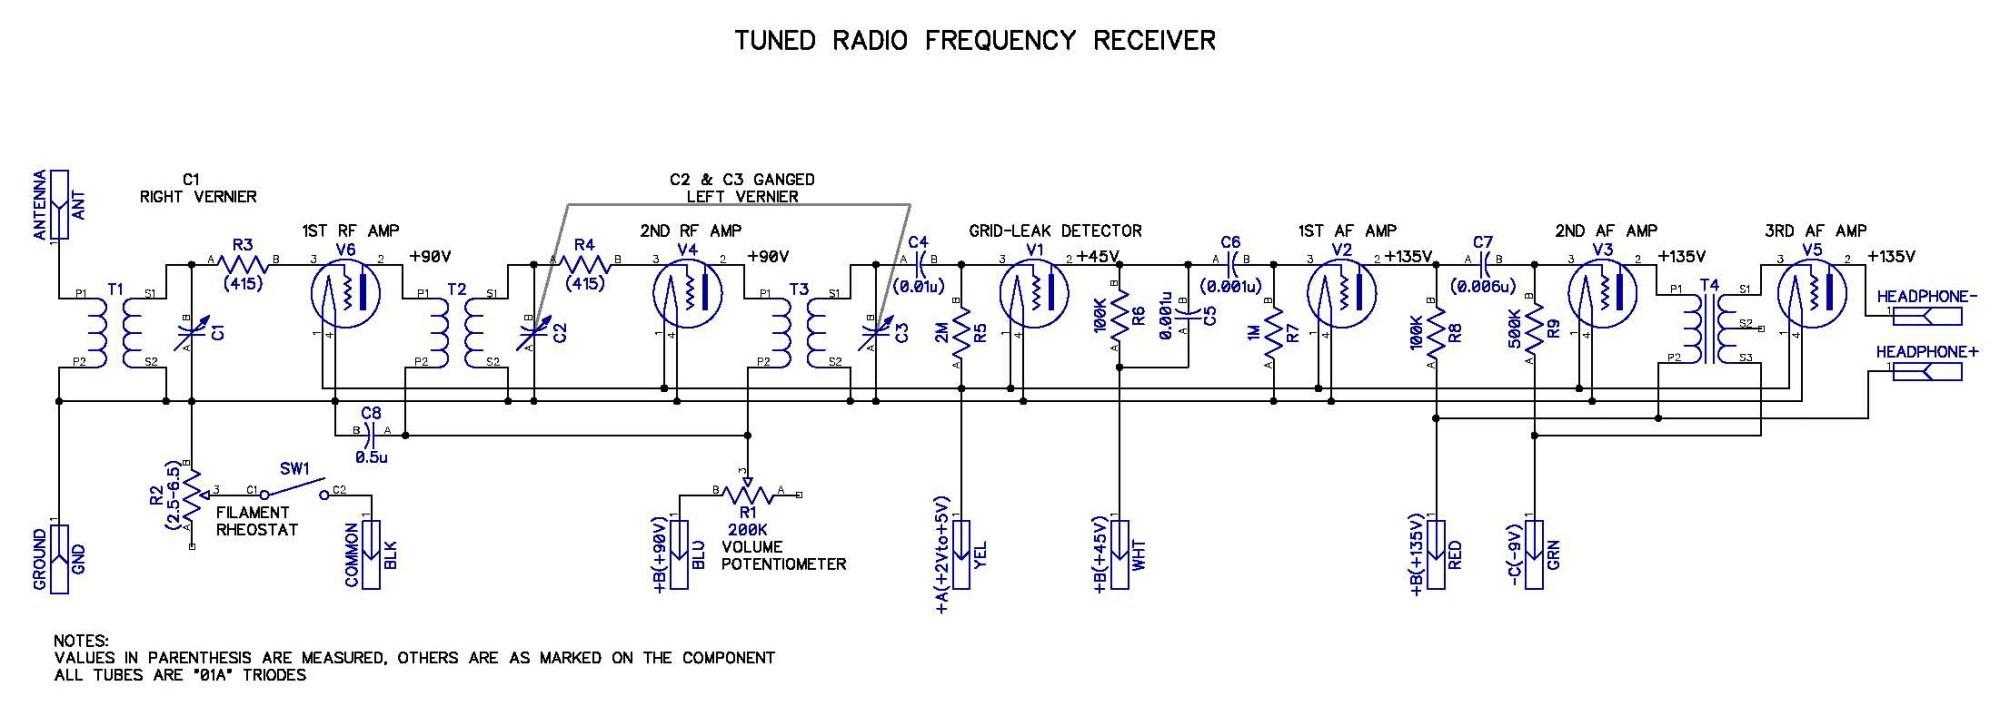 hight resolution of file trf schematic jpg wikimedia commons mk484 schematics trf radio schematic